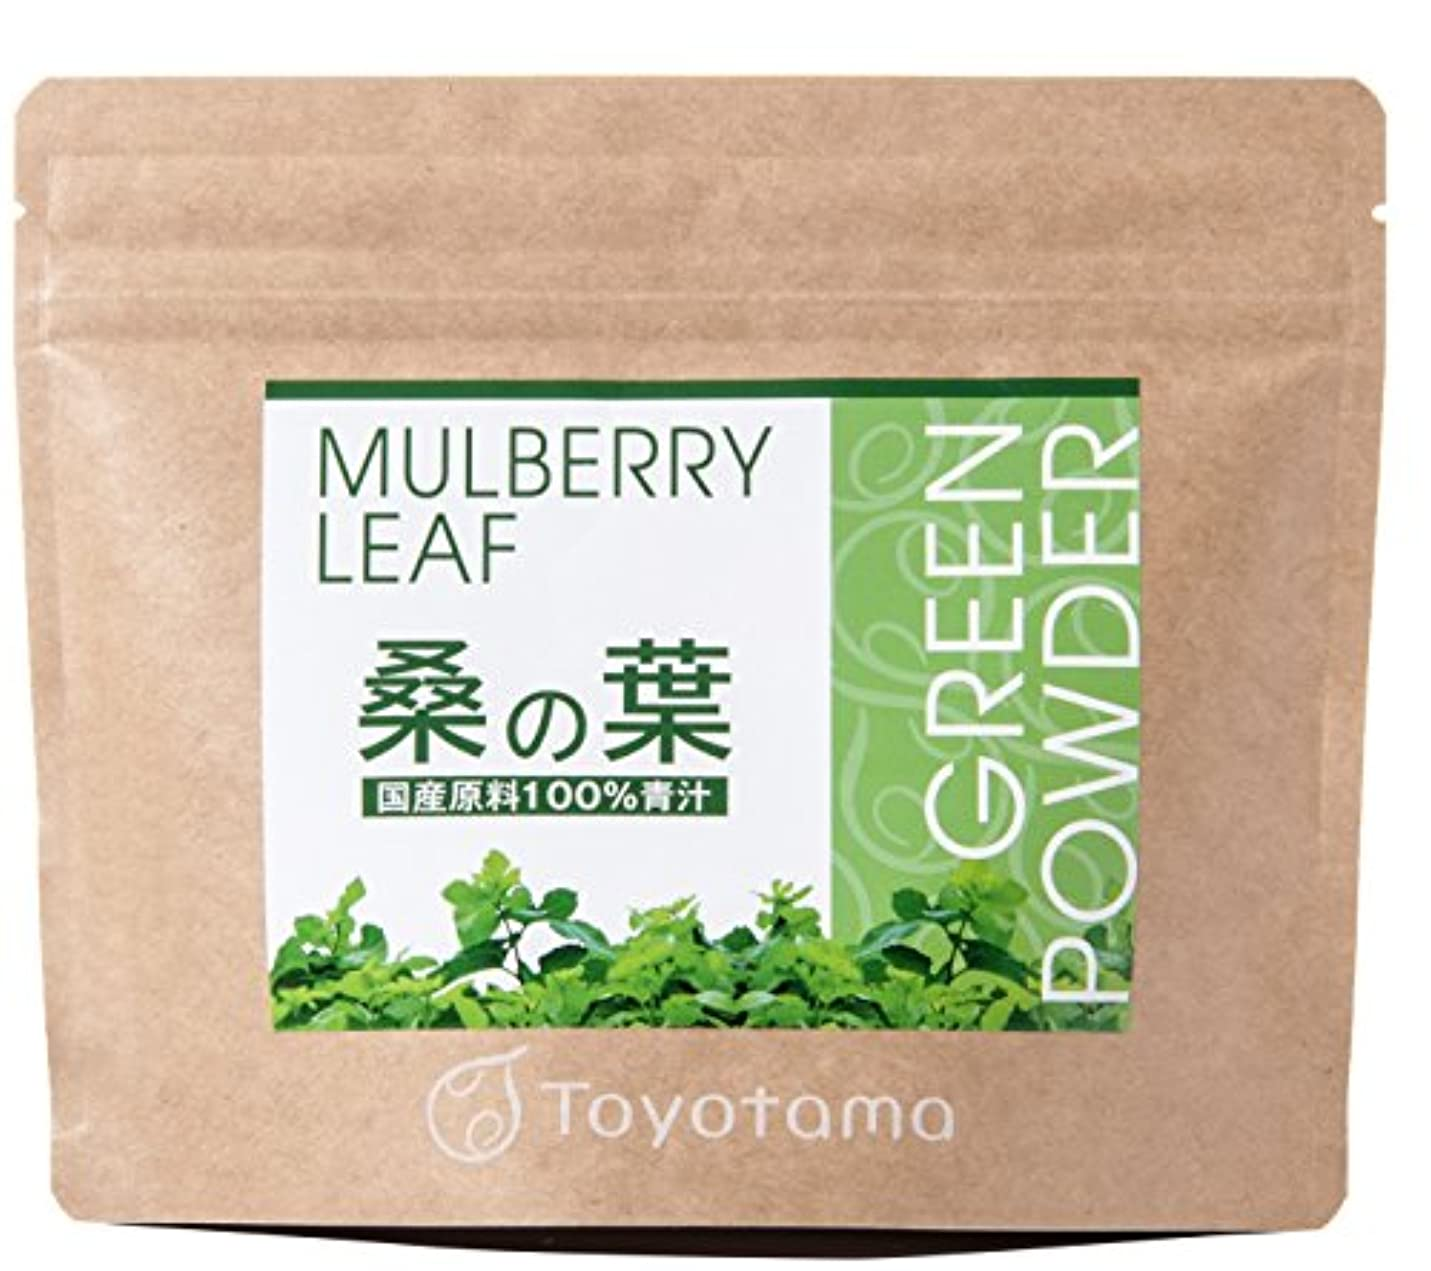 適応的問題スペアトヨタマ(TOYOTAMA) 国産桑の葉100%青汁 90g (約30回分) 無添加 ピュアパウダー 1096312